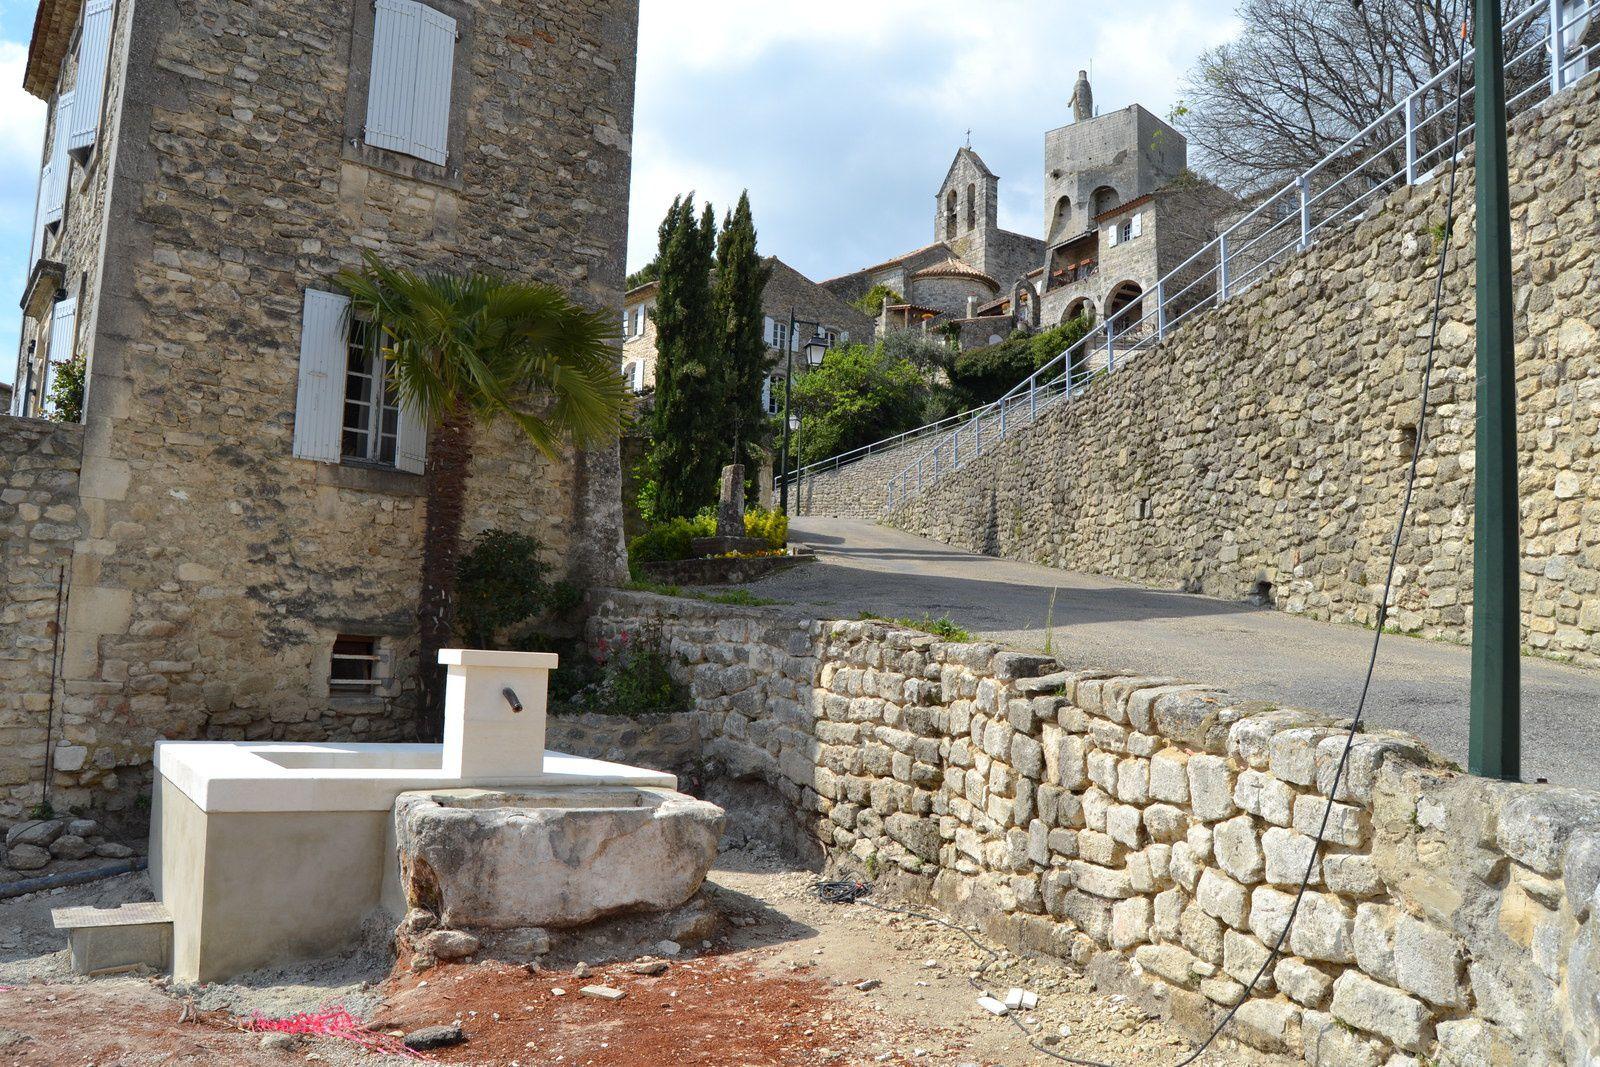 Pas de grand déplacement pour ce petit reportage puisque Clansayes est à 5 minutes de Saint Paul Trois Châteaux.